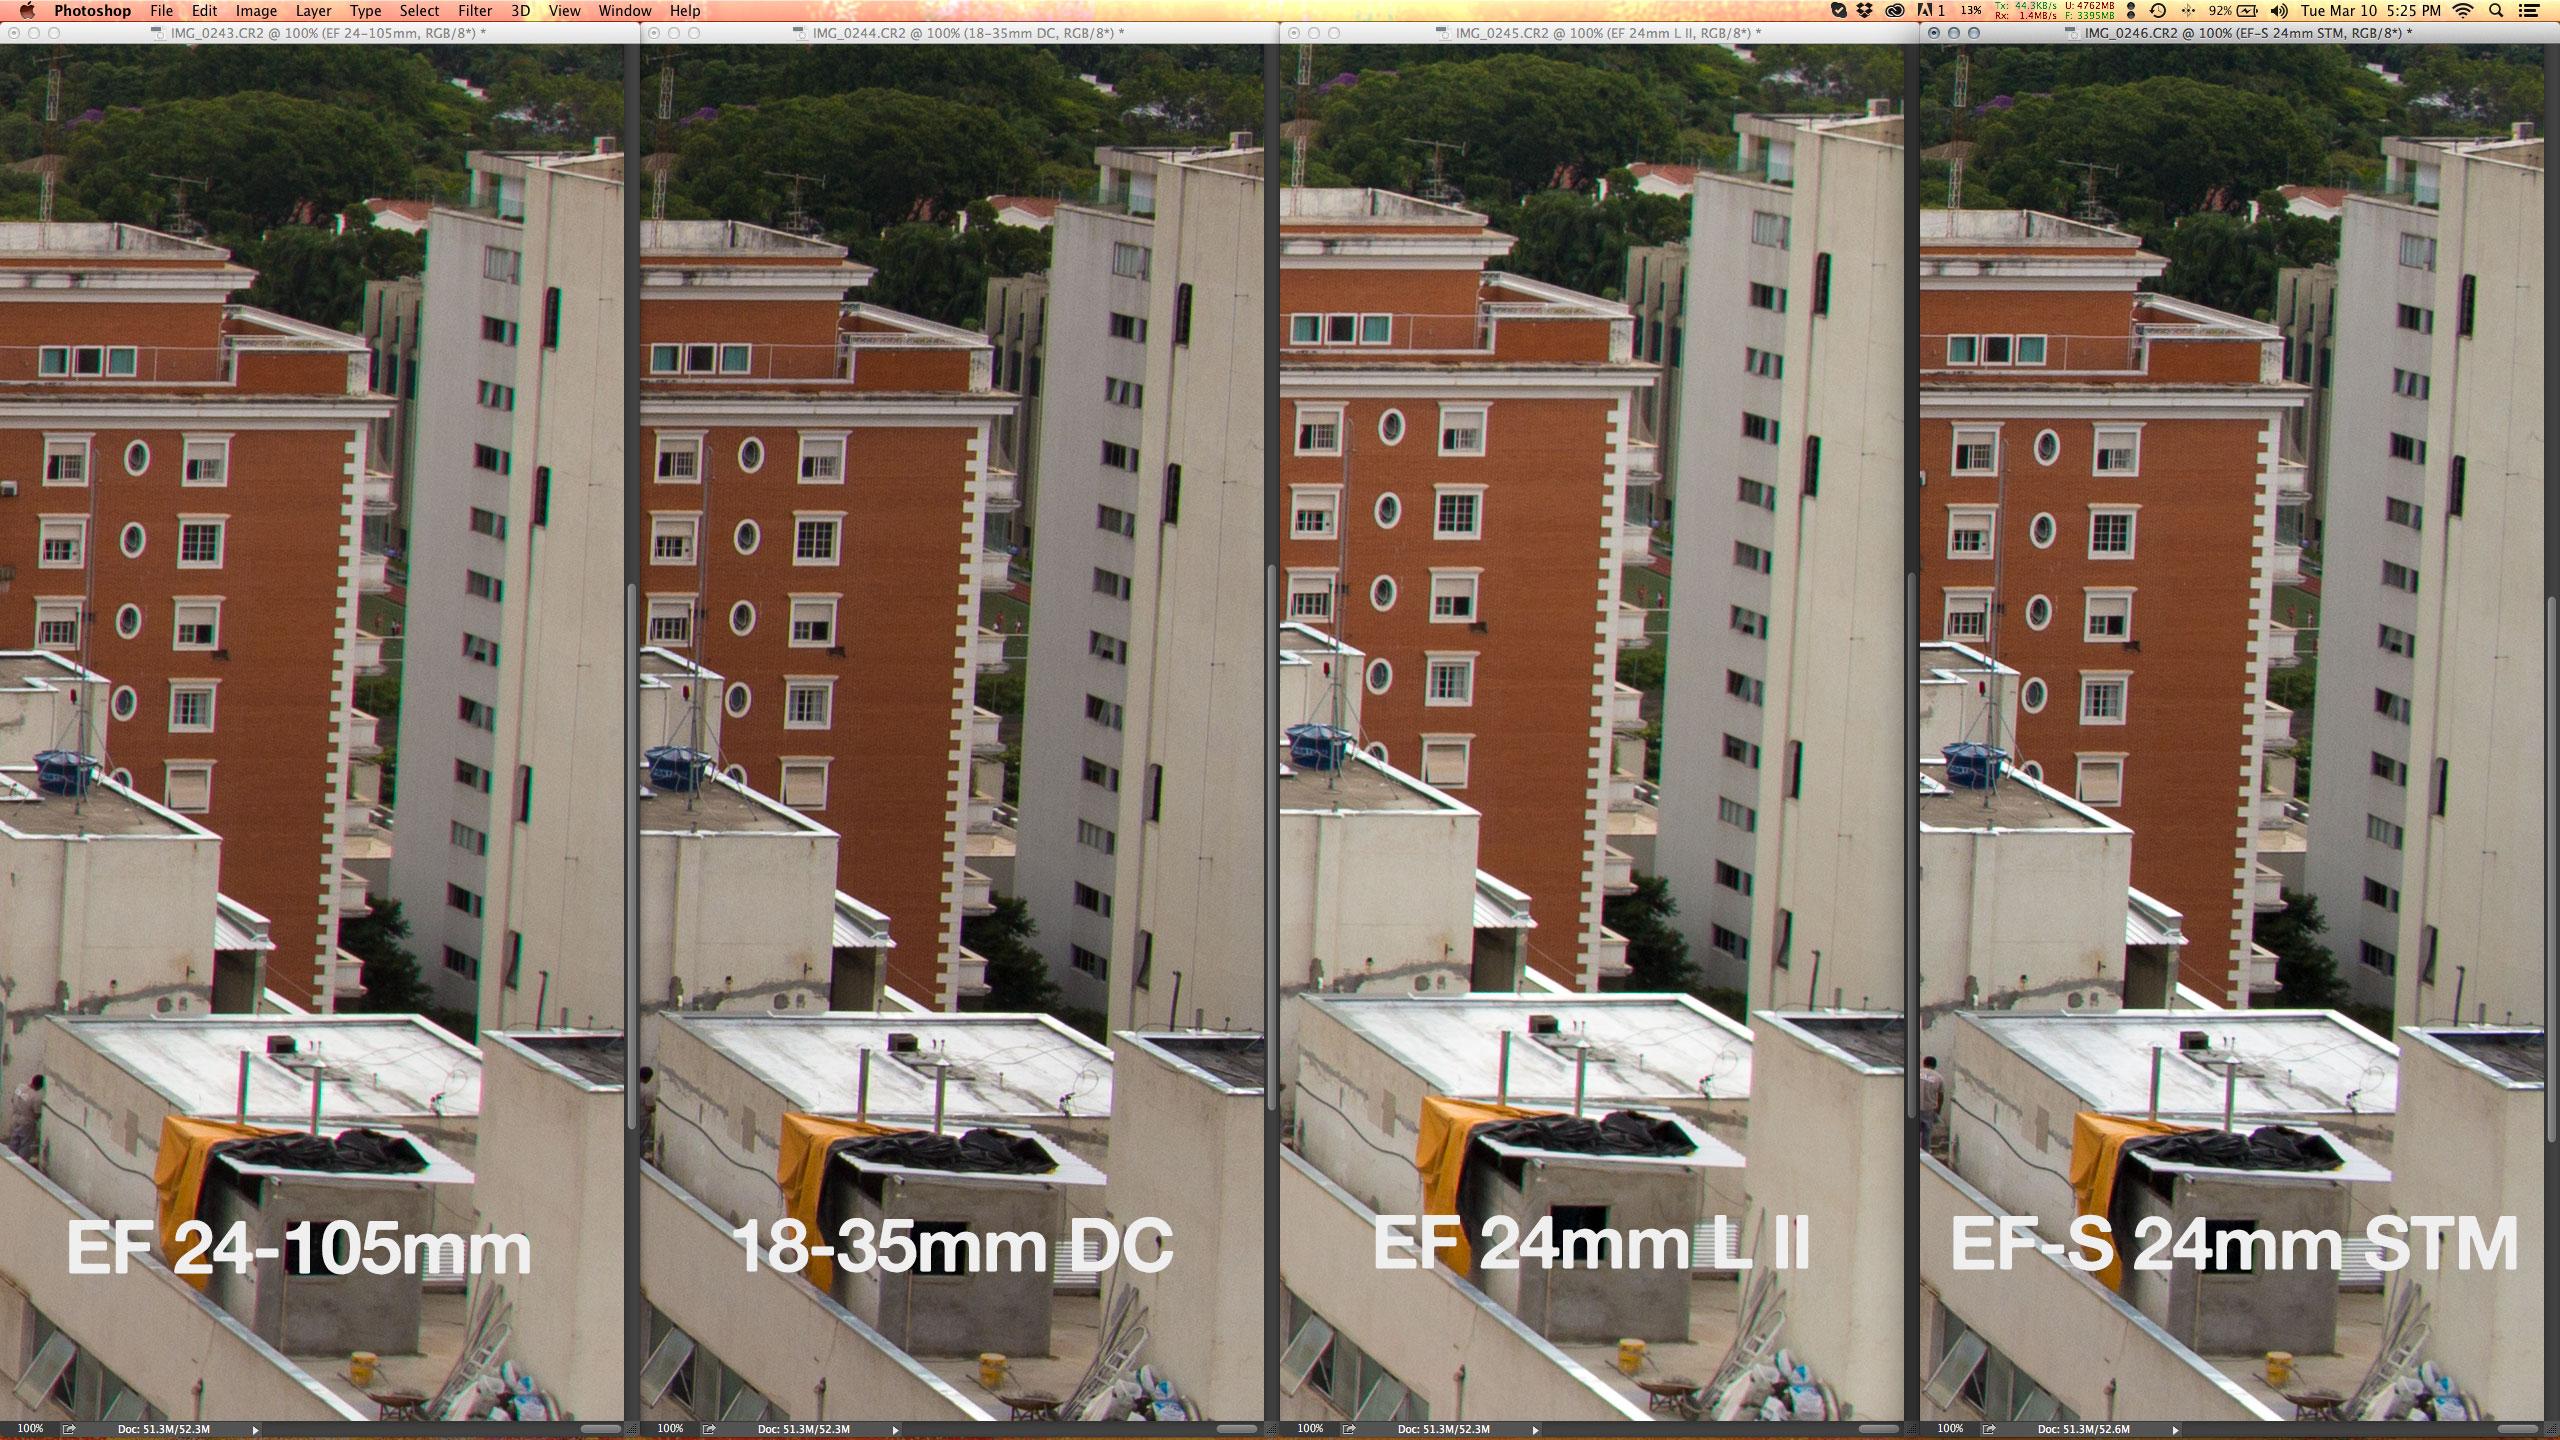 No canto inferior direito, a EF 24-105mm f/4L IS USM é a pior de todas com menos resolução e mais aberrações cromáticas. Em penúltimo, a top EF 24mm f/1.4L II USM é projeto especial da Canon, para pouca luz; nunca mostra muita resolução e também sofre com mais aberração cromática que a nova EF-S 24mm f/2.8 STM. E a vencedora é a Sigma 18-35mm f/1.8 DC HSM, com mais resolução e menos aberrações de todas elas; mas porque não estamos em contra luz. Em áreas de muito contraste, o CA lateral da Sigma é pior que a EF-S.